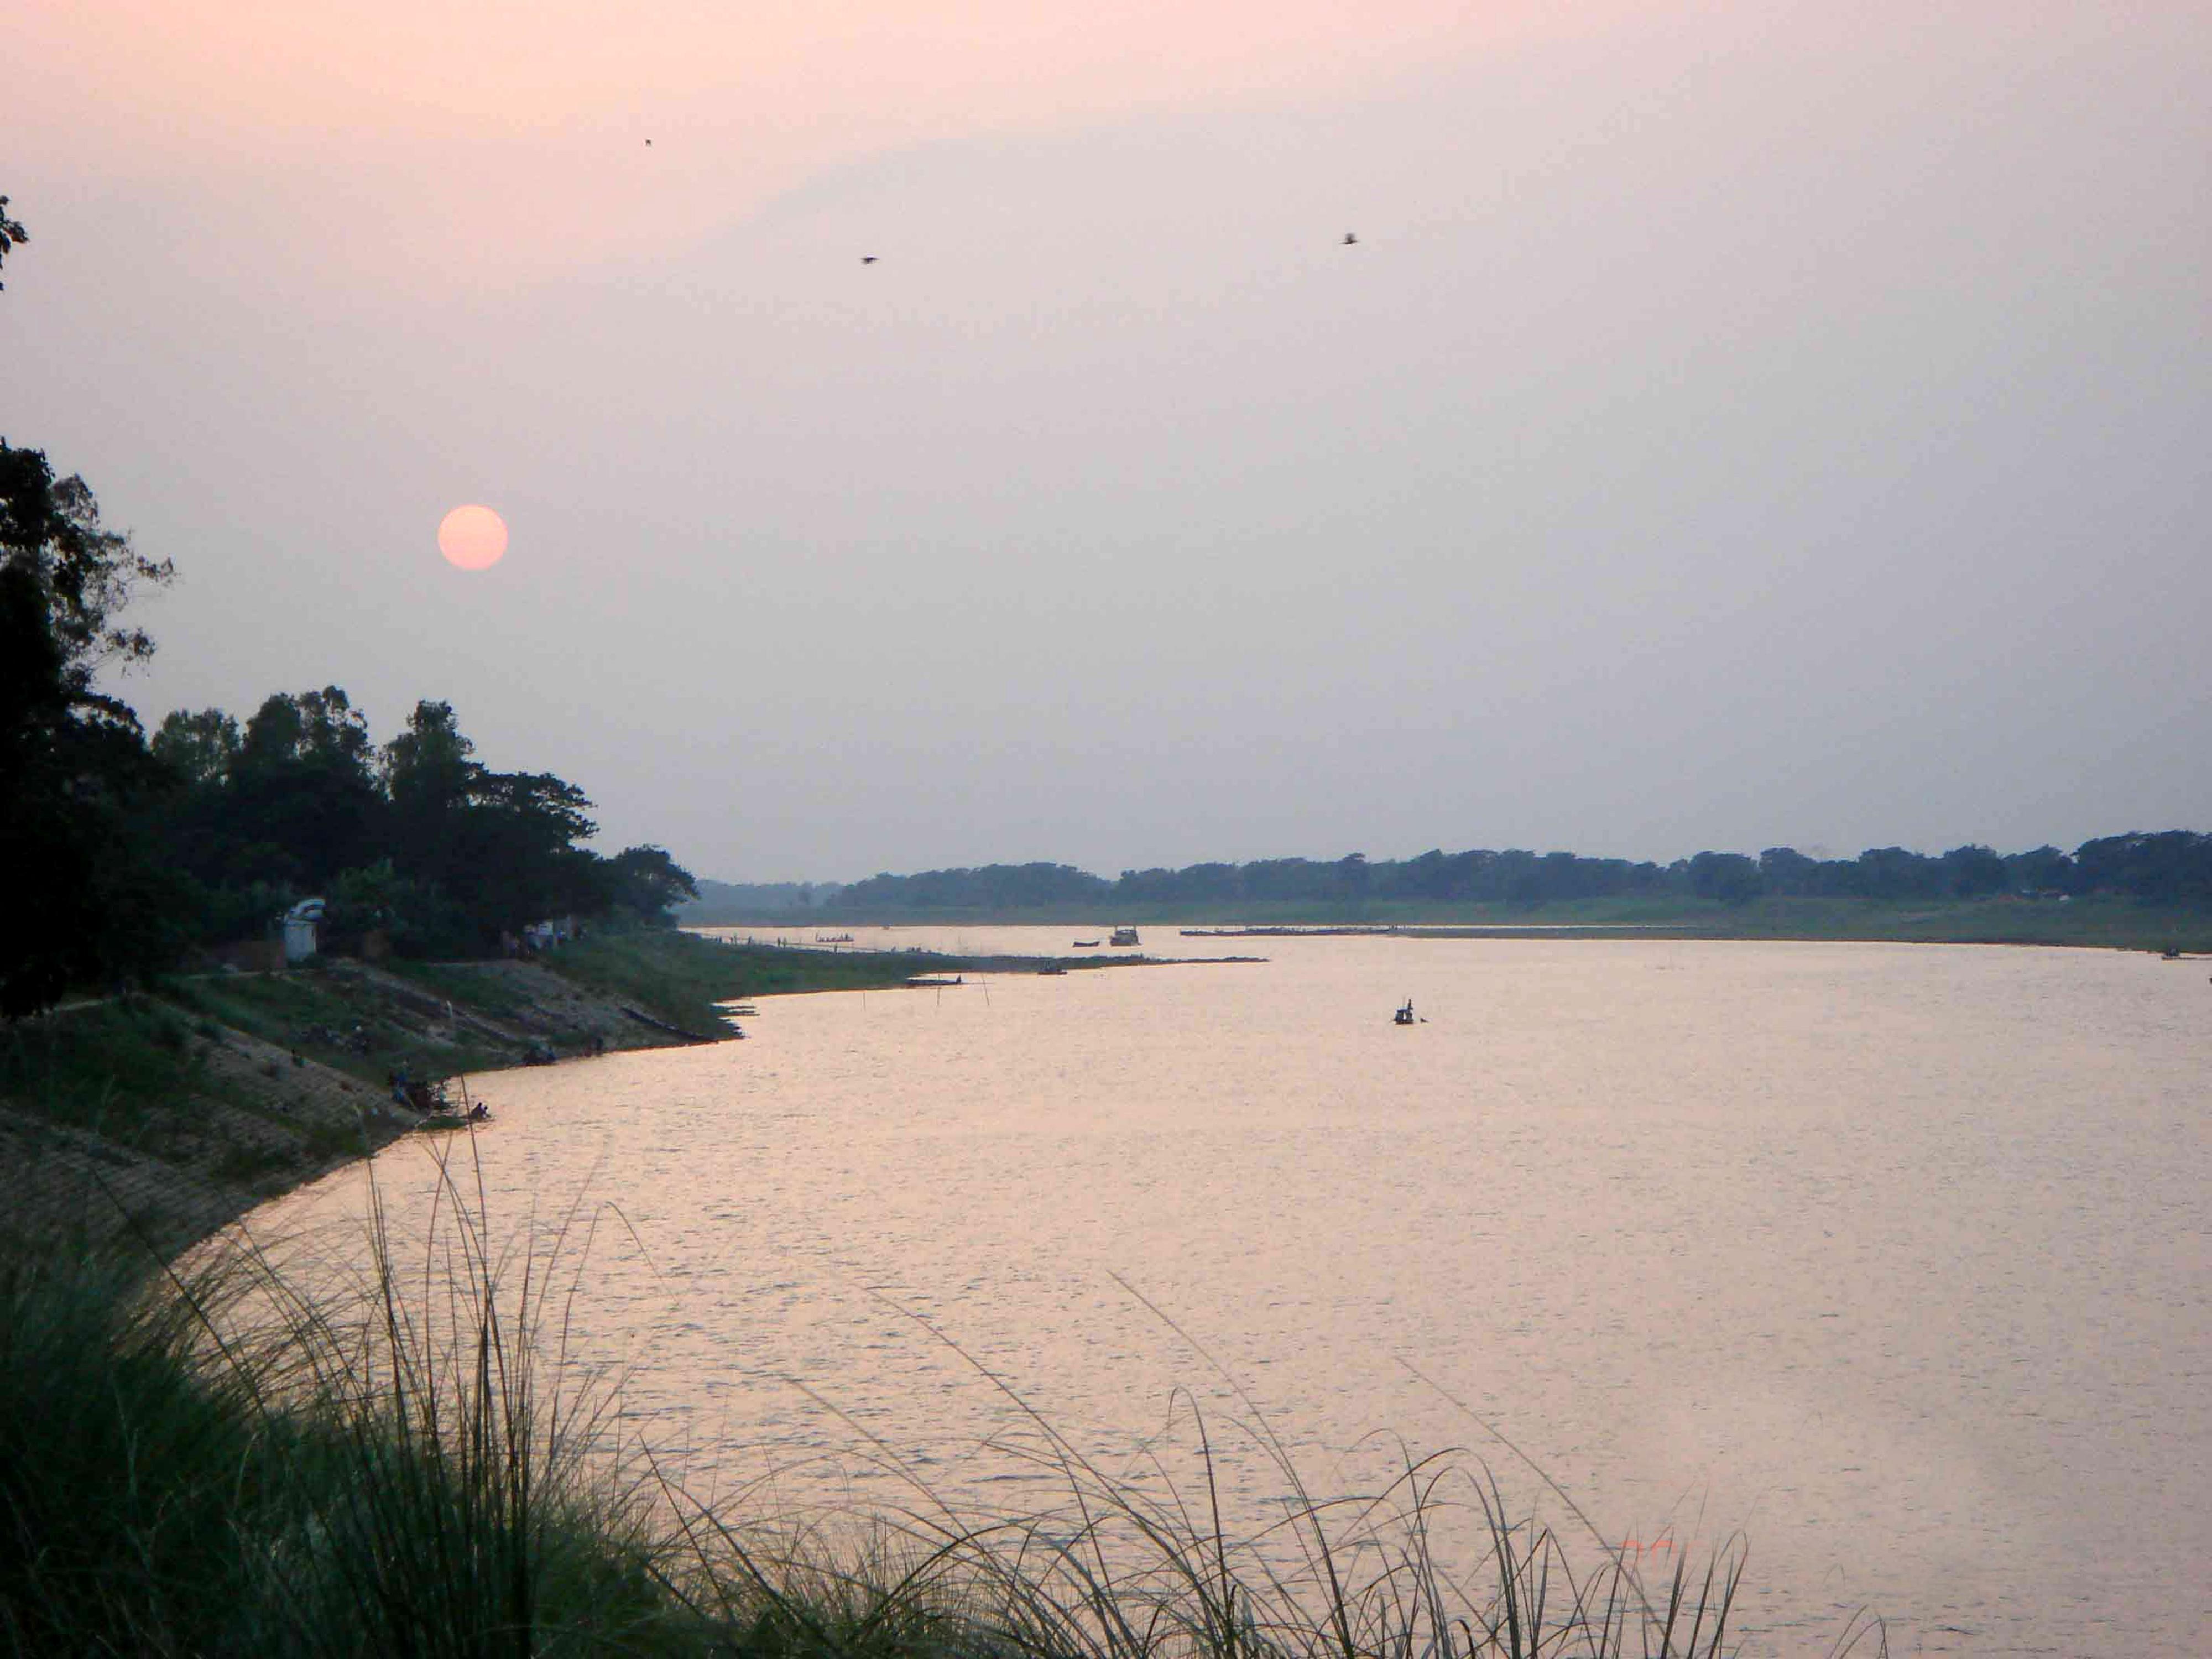 ब्रह्मपुत्र नदी